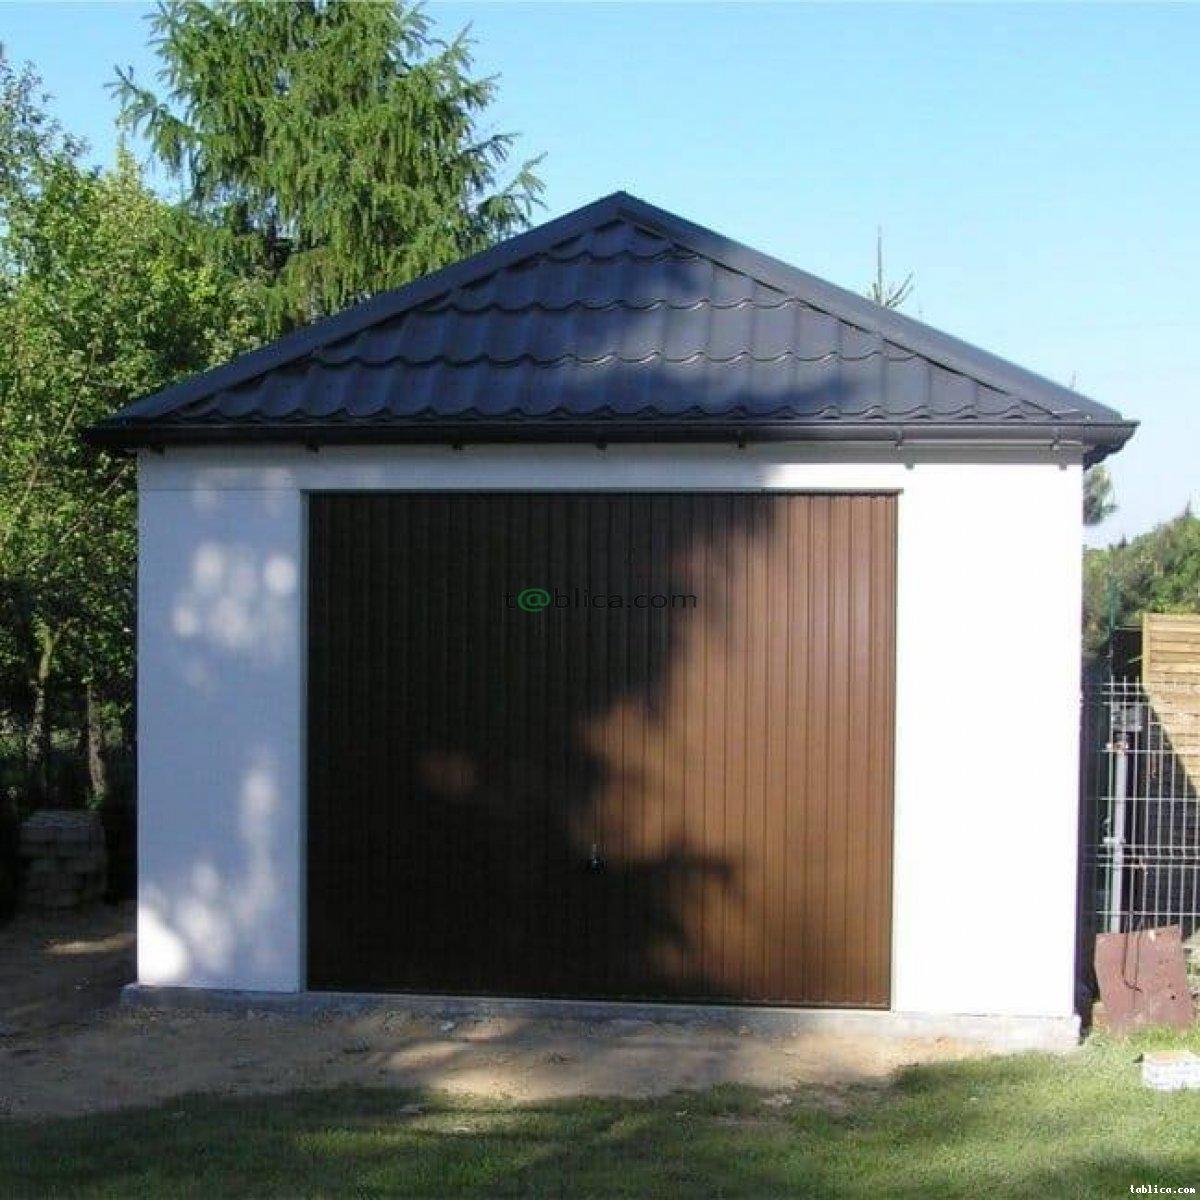 Garaże na zamówienie - blaszane, tynkowane